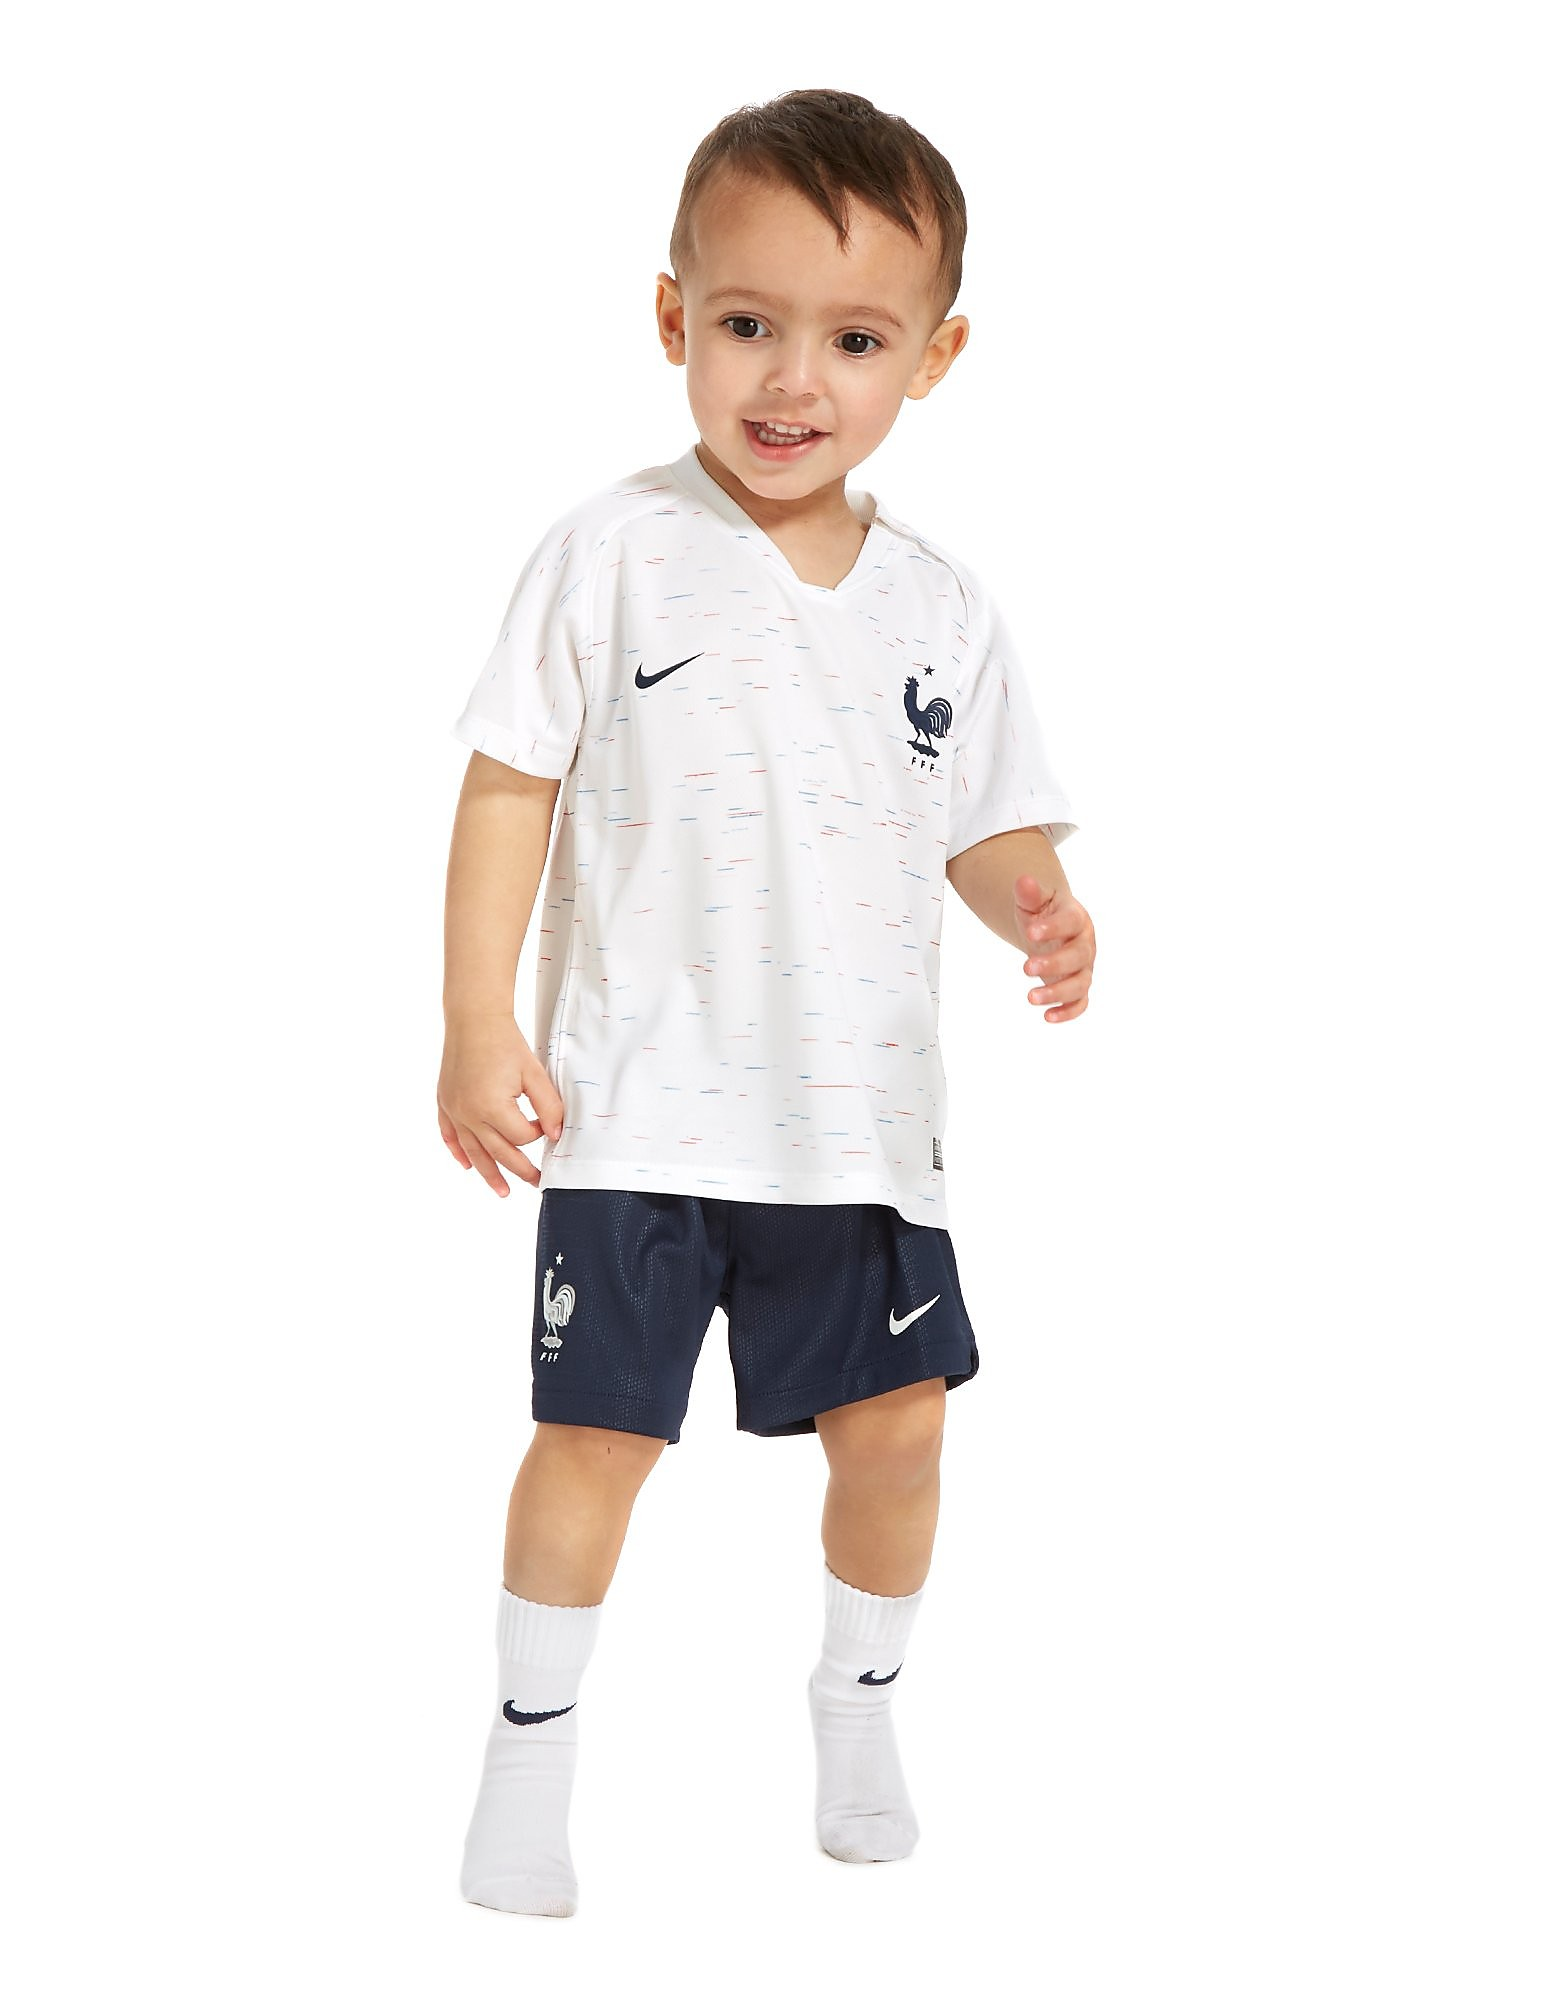 Nike Kit Extérieur France 2018 Bébé